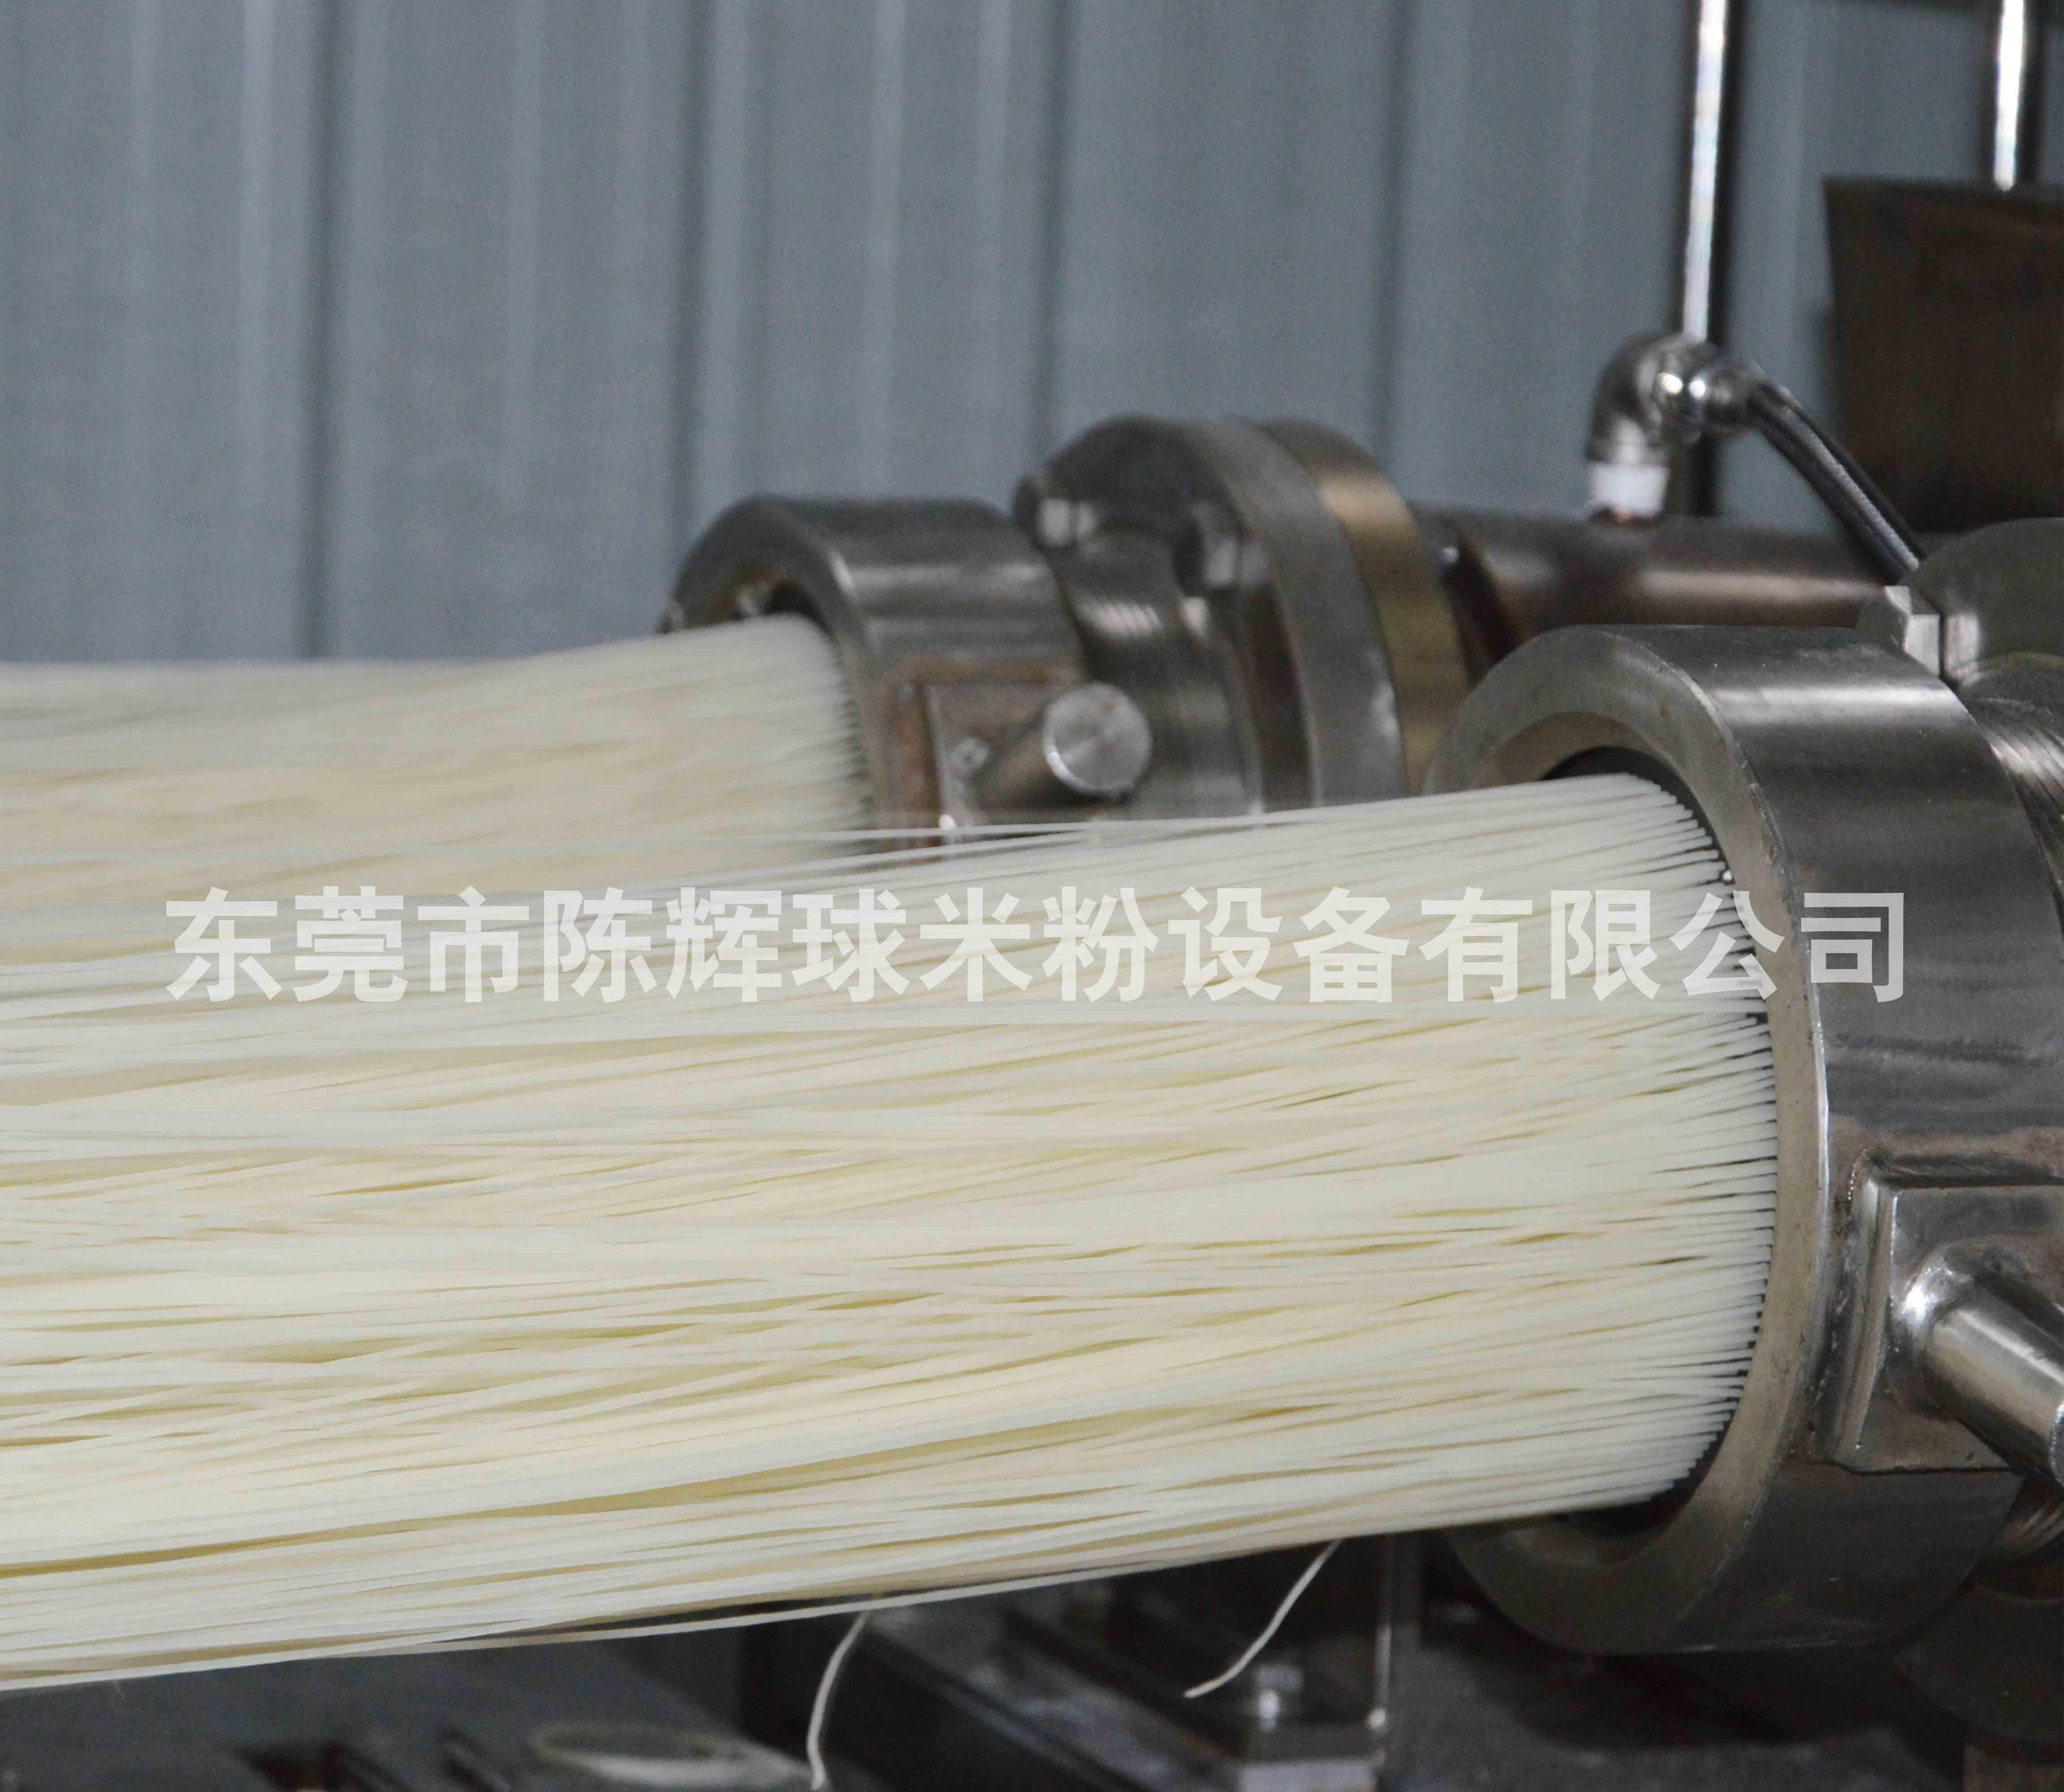 关于米粉设备的使用技巧